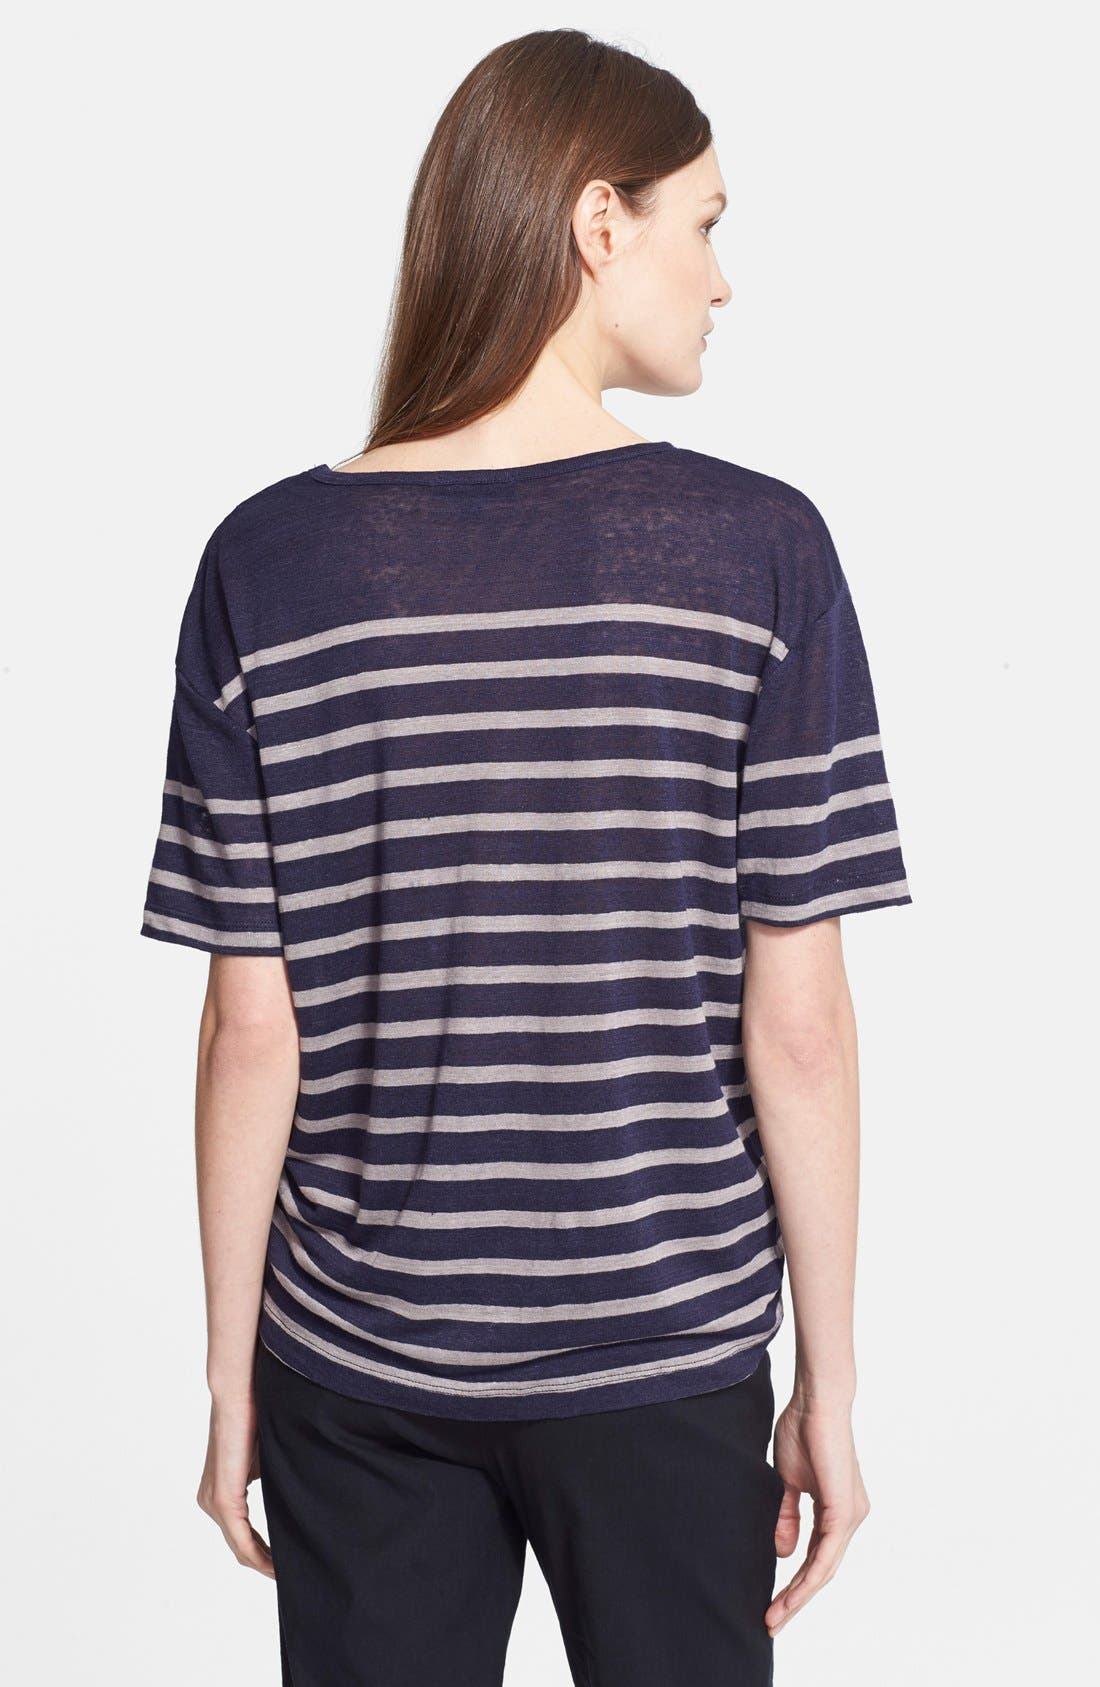 Alternate Image 2  - Charlotte Gainsbourg for Current/Elliott 'The Short Sleeve Linen Stripe' Tee